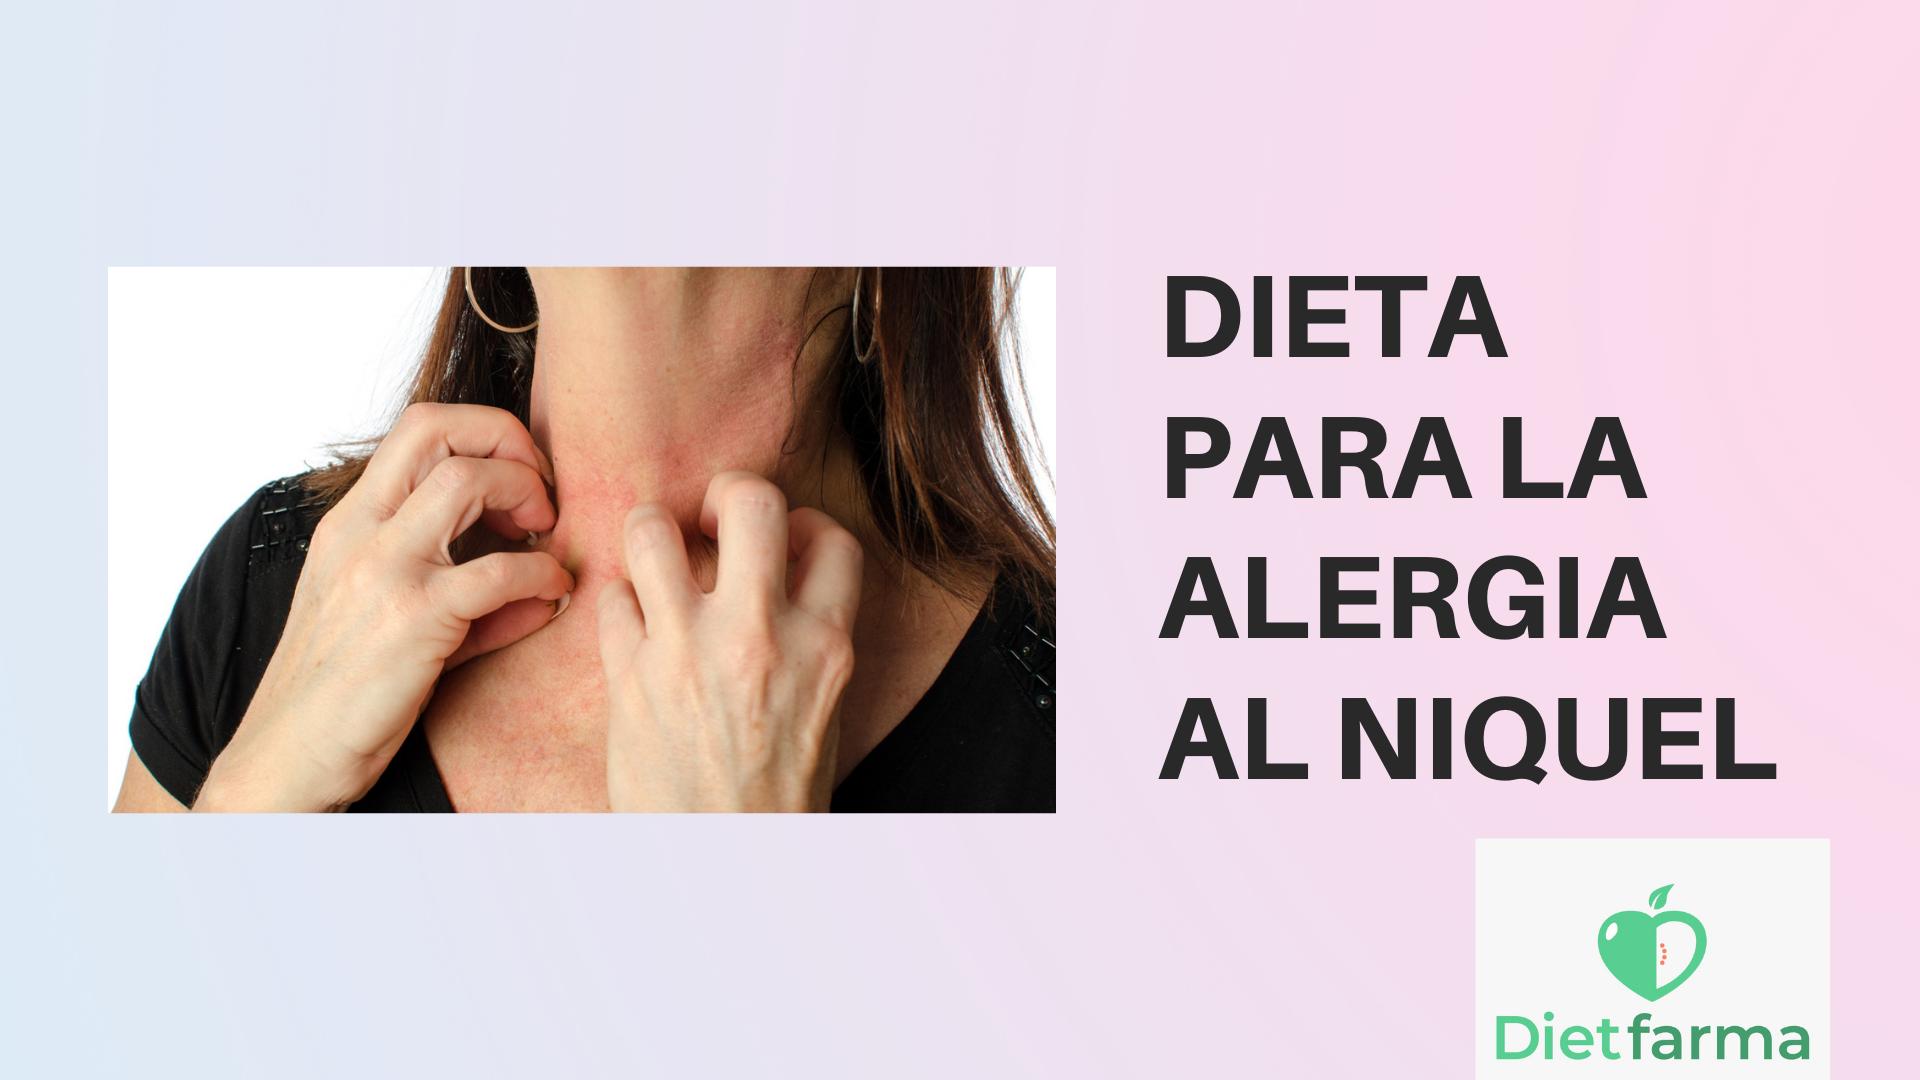 Dieta alergia níquel